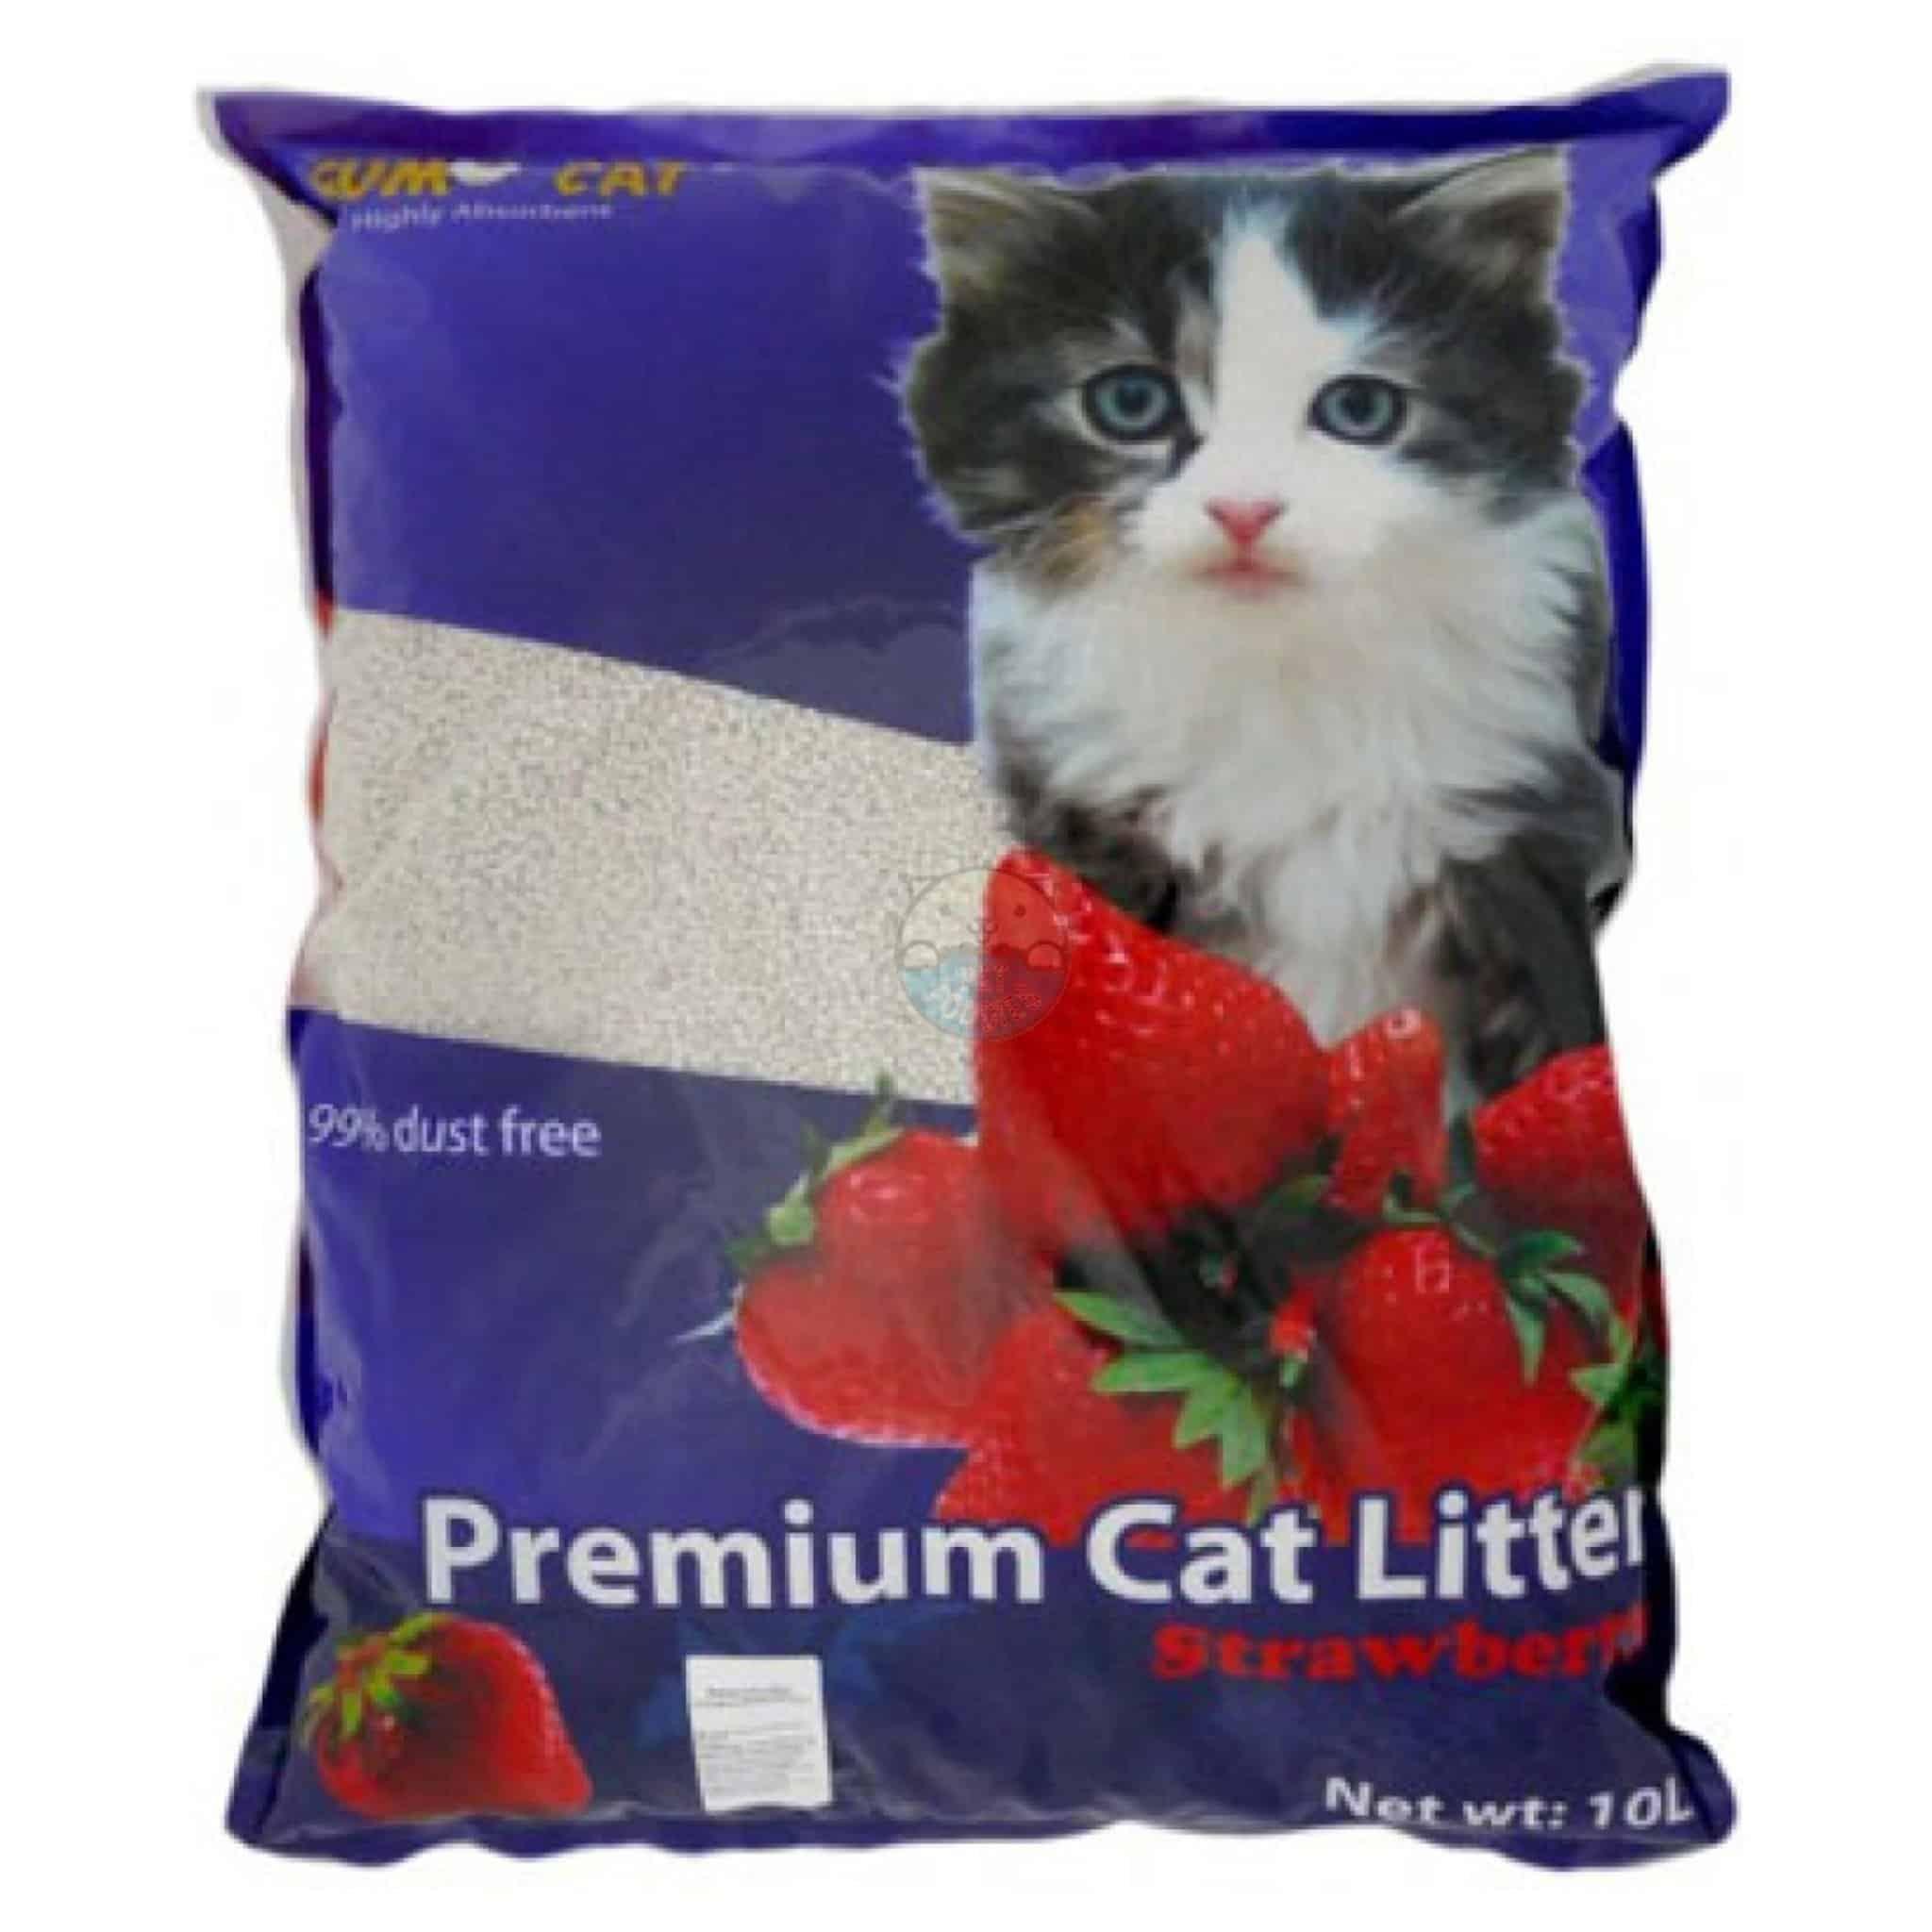 SUMO CAT PREMIUM CAT LITTER STRAWBERRY 10L